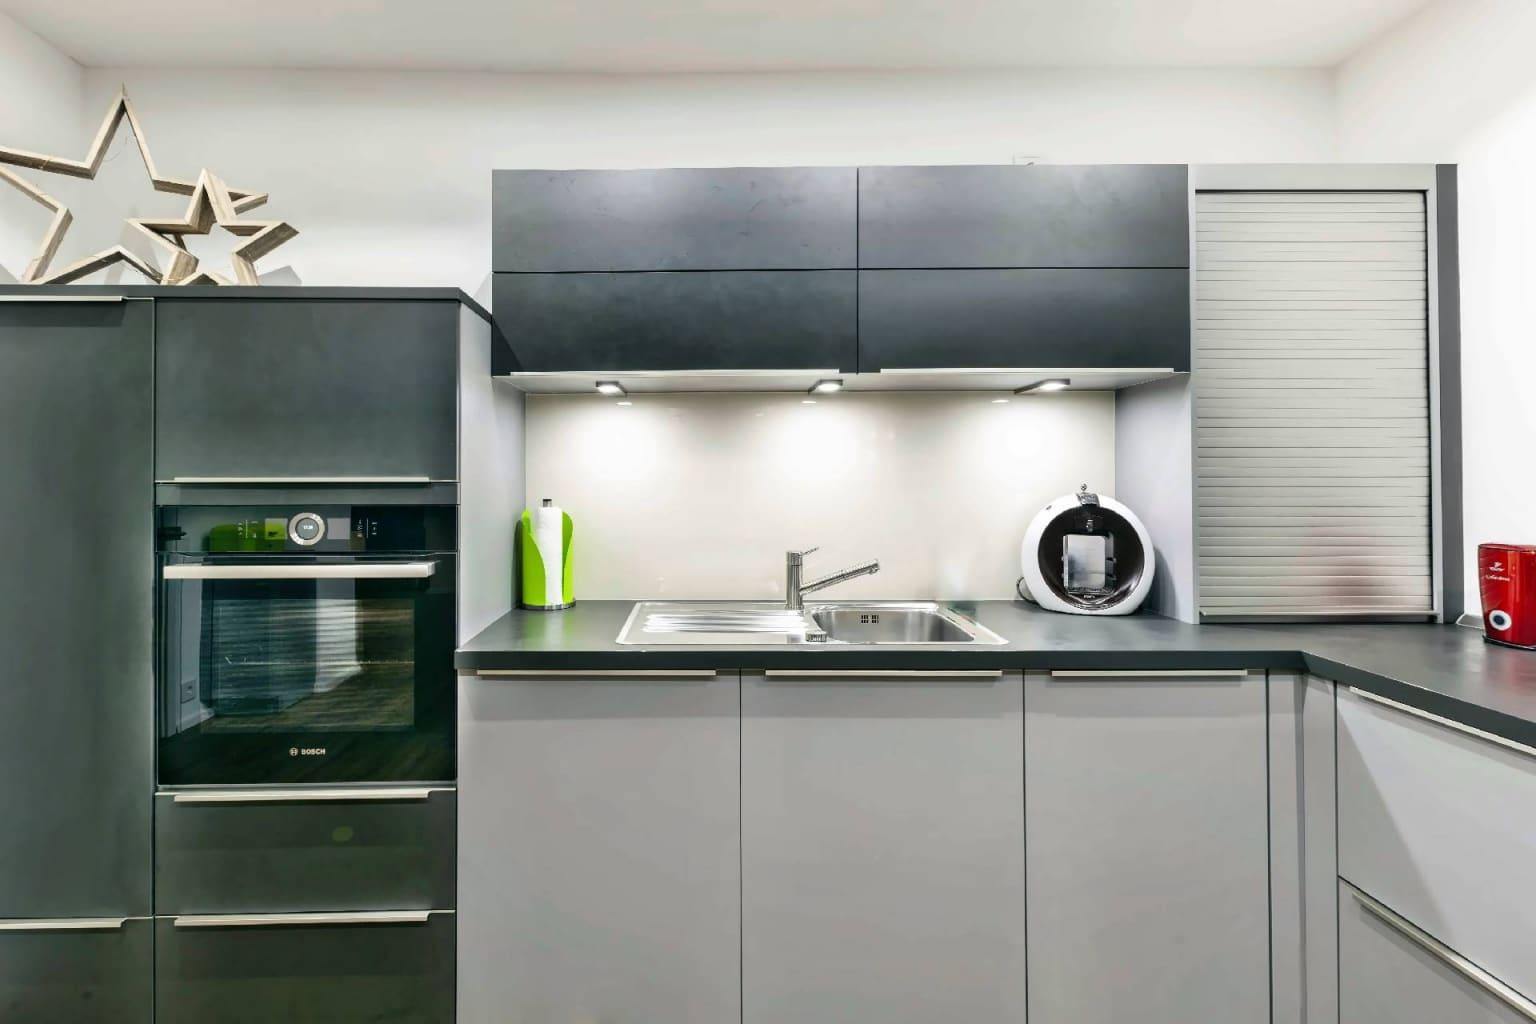 U-förmige Küche offen zum Wohnraum (4)